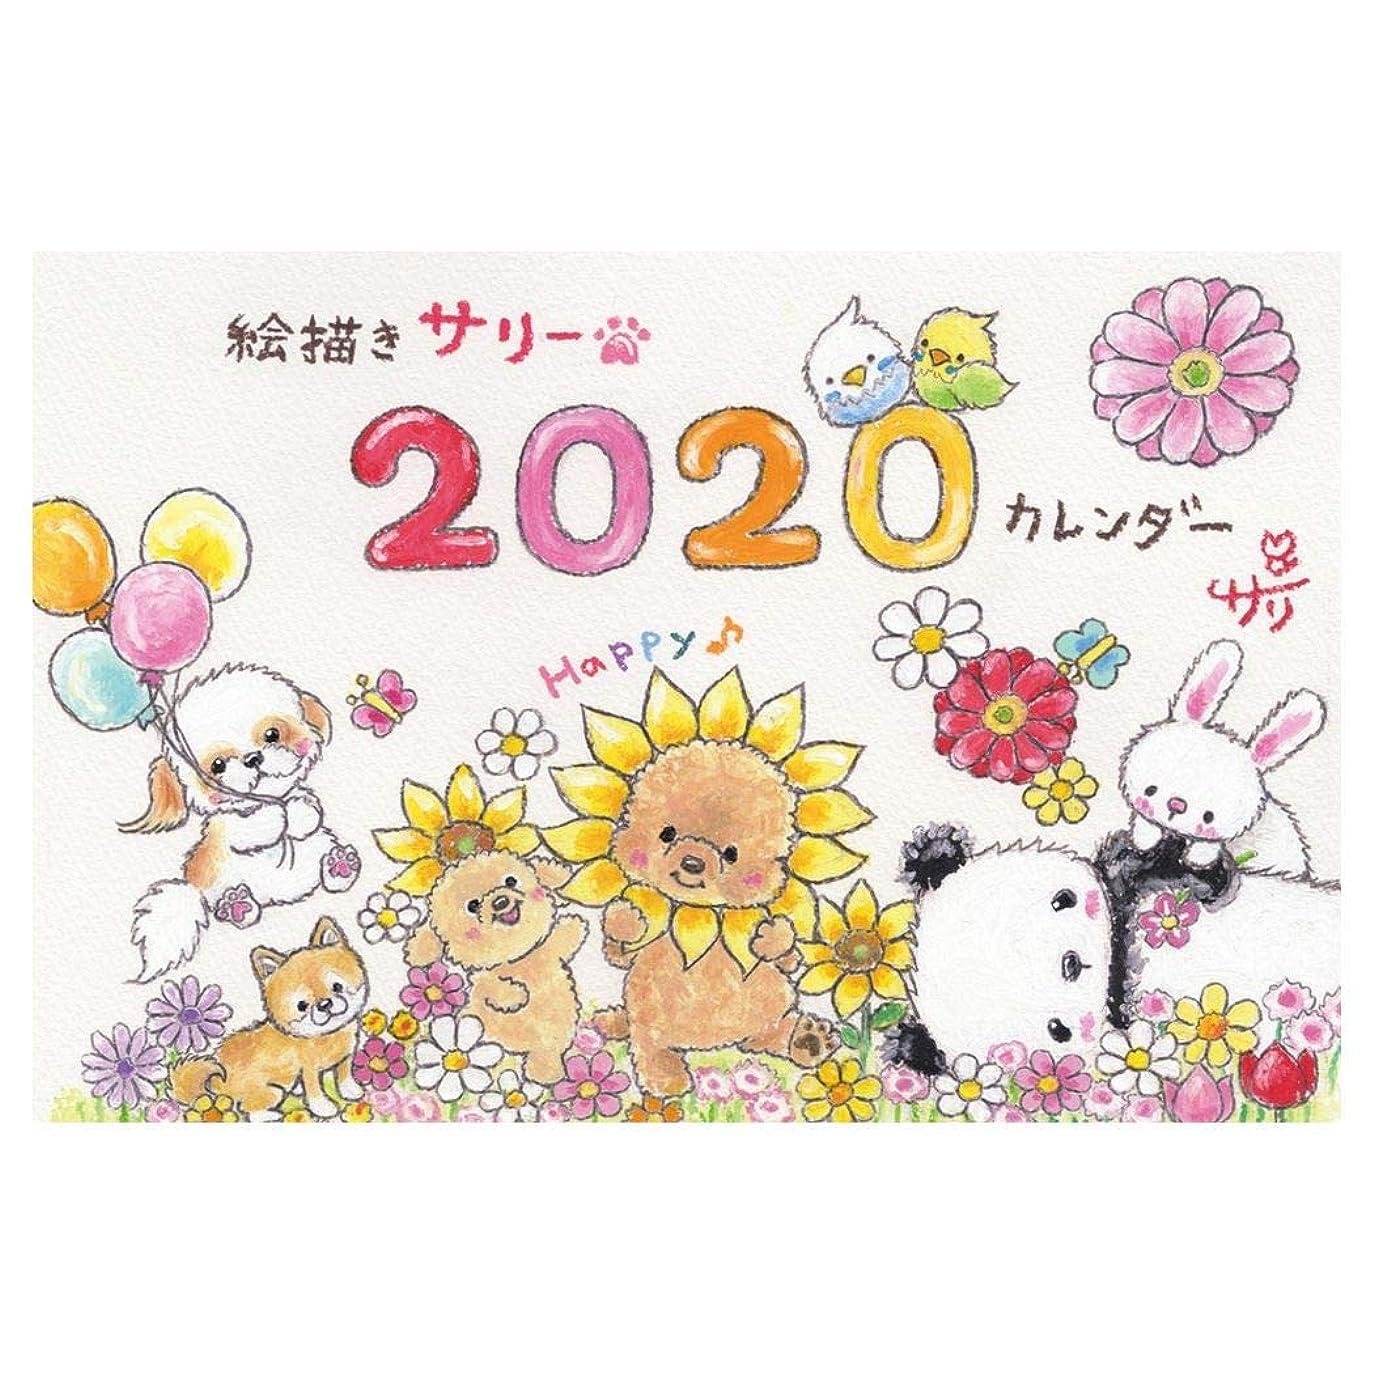 最初は世辞振りかける絵描きサリー[2020 年 カレンダー]壁掛けカレンダー2020年